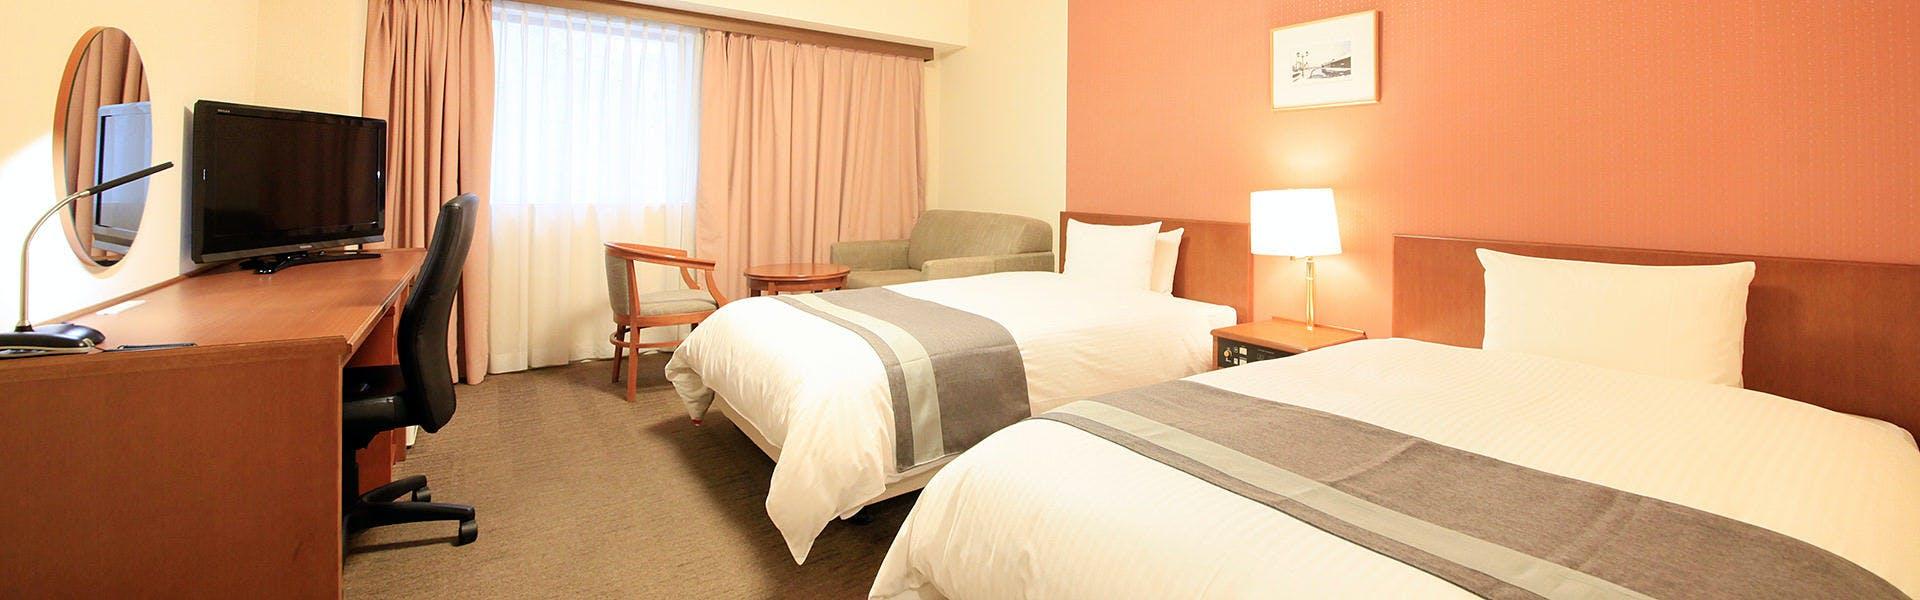 札幌のビジネスホテル予約・出張におすすめの宿泊 …